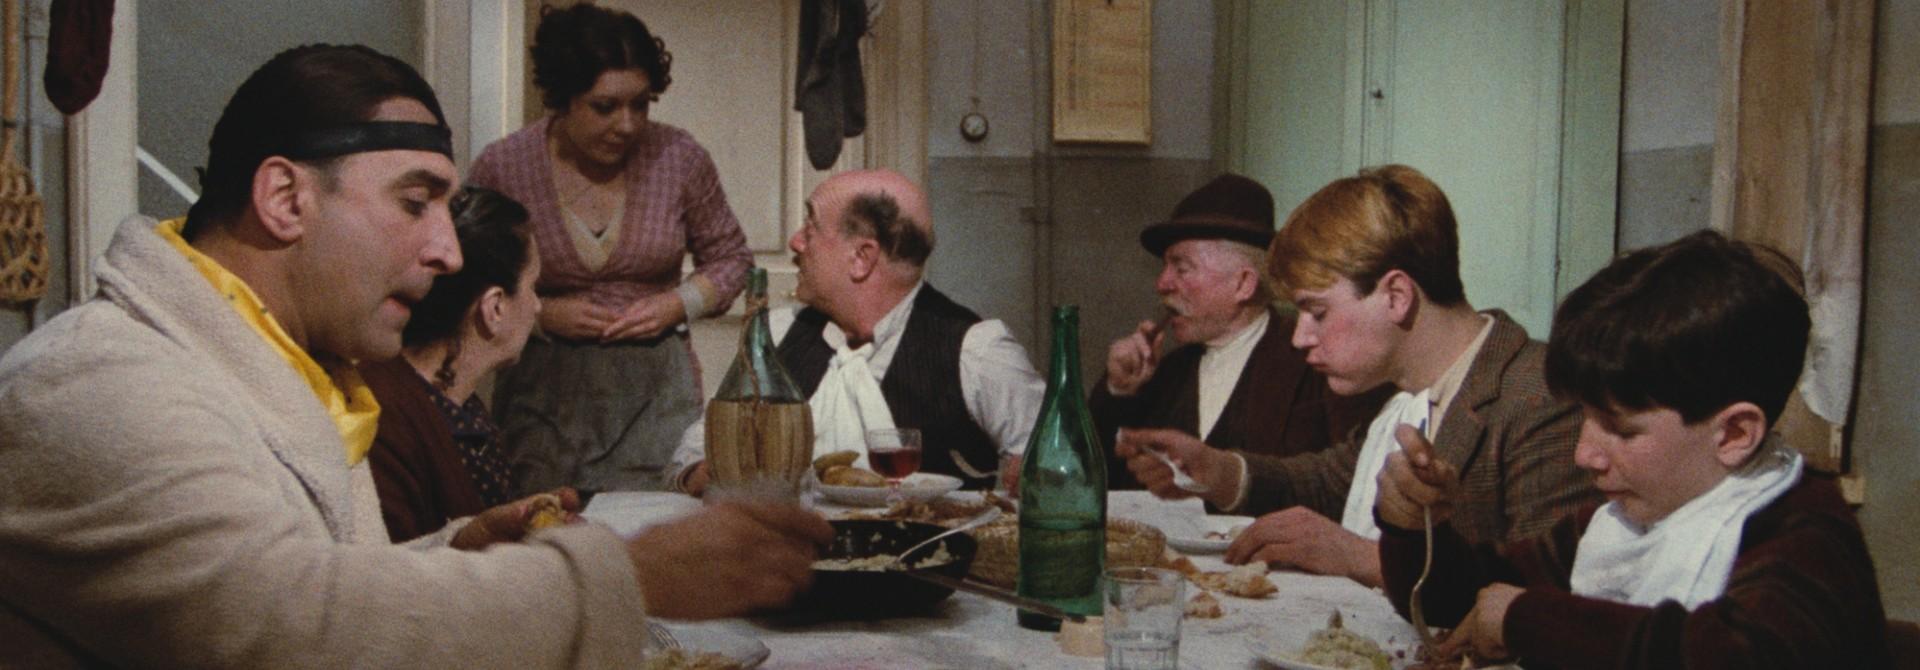 AMARCORD  di Federico Fellini al Cinema Edison arena estiva